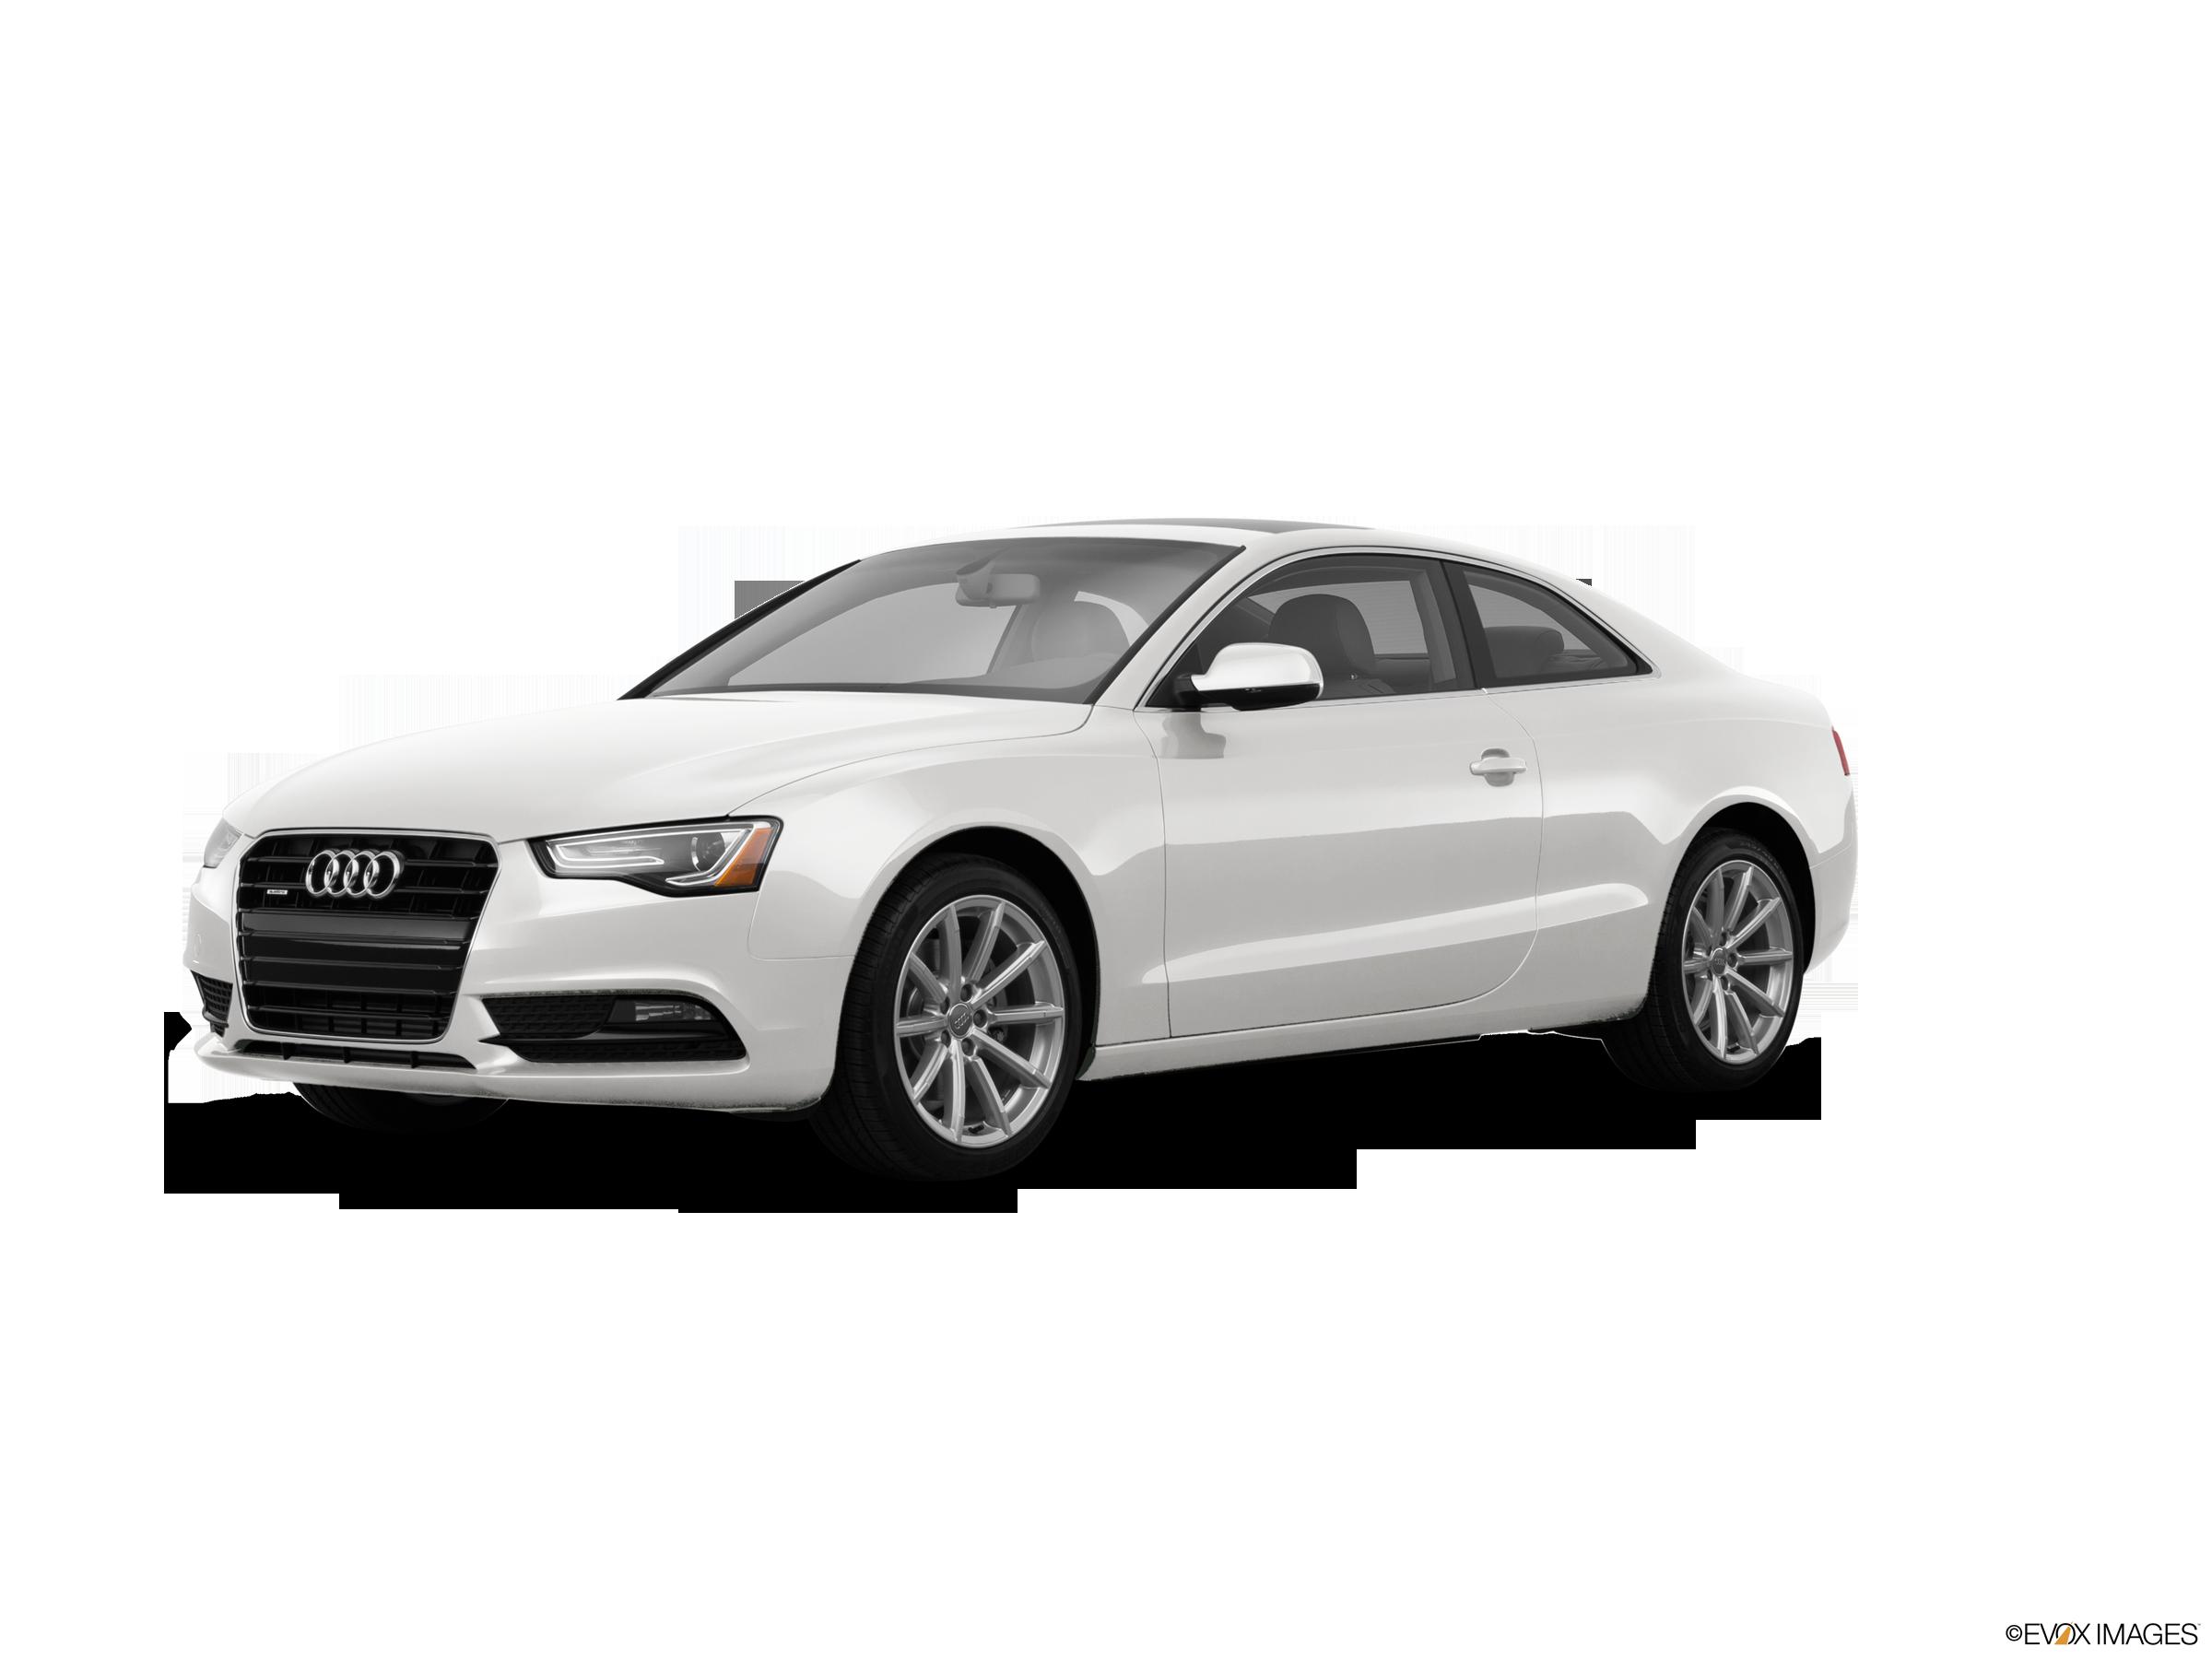 Kelebihan Audi A5 2015 Harga